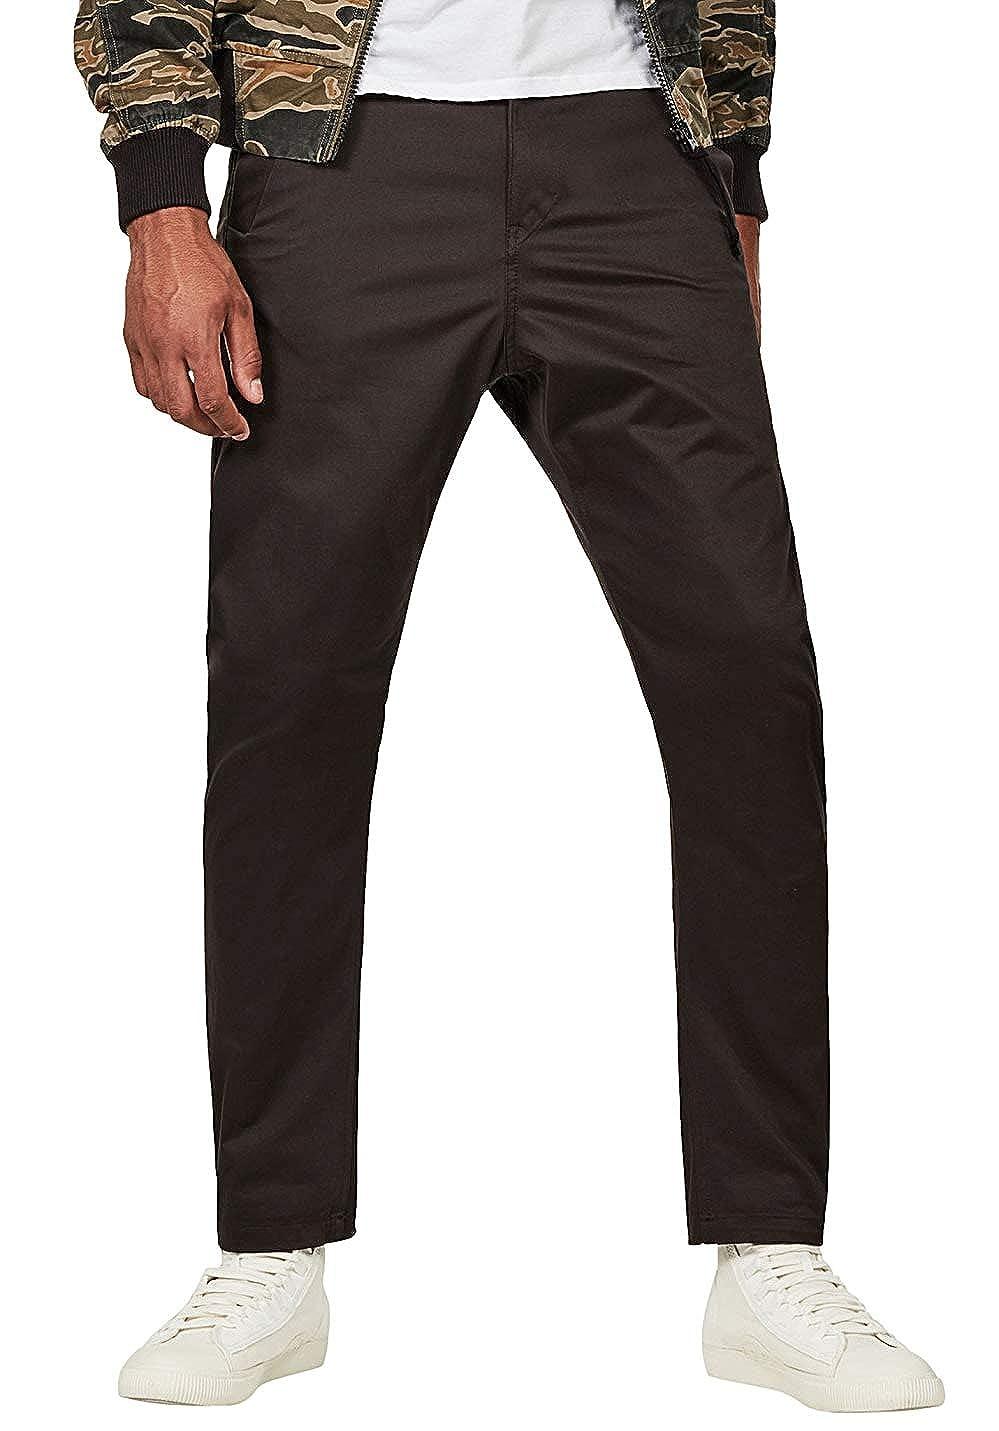 G-STAR RAW Men's Bronson Straight Tapered Chinoapered Chino Trousers